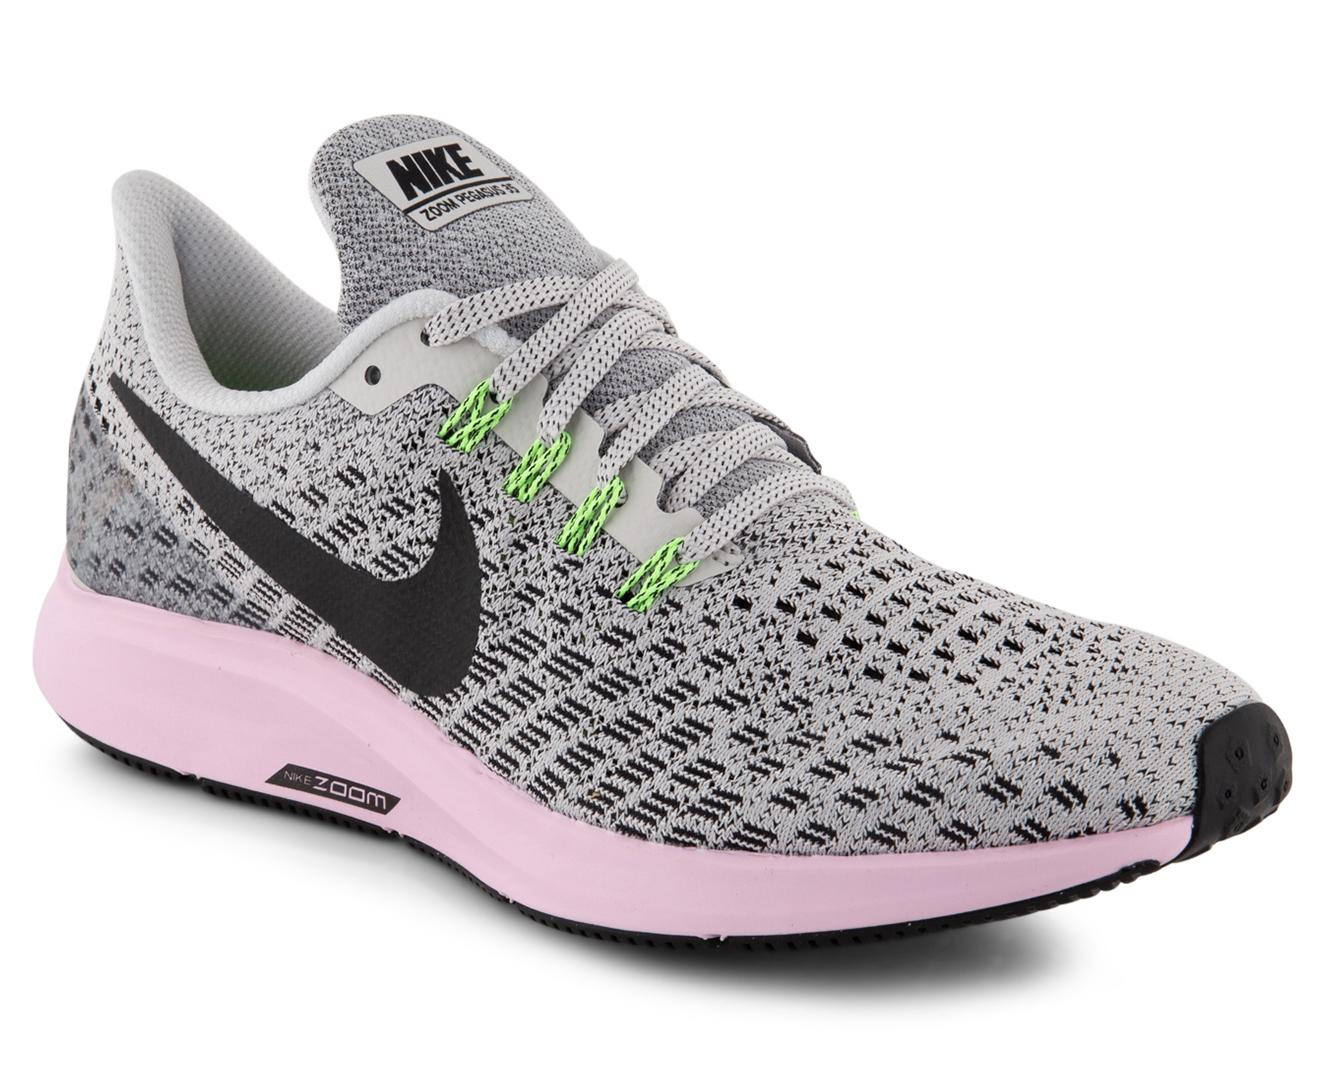 Nike Women's Air Zoom Pegasus 35 Shoe Vast GreyBlack Pink